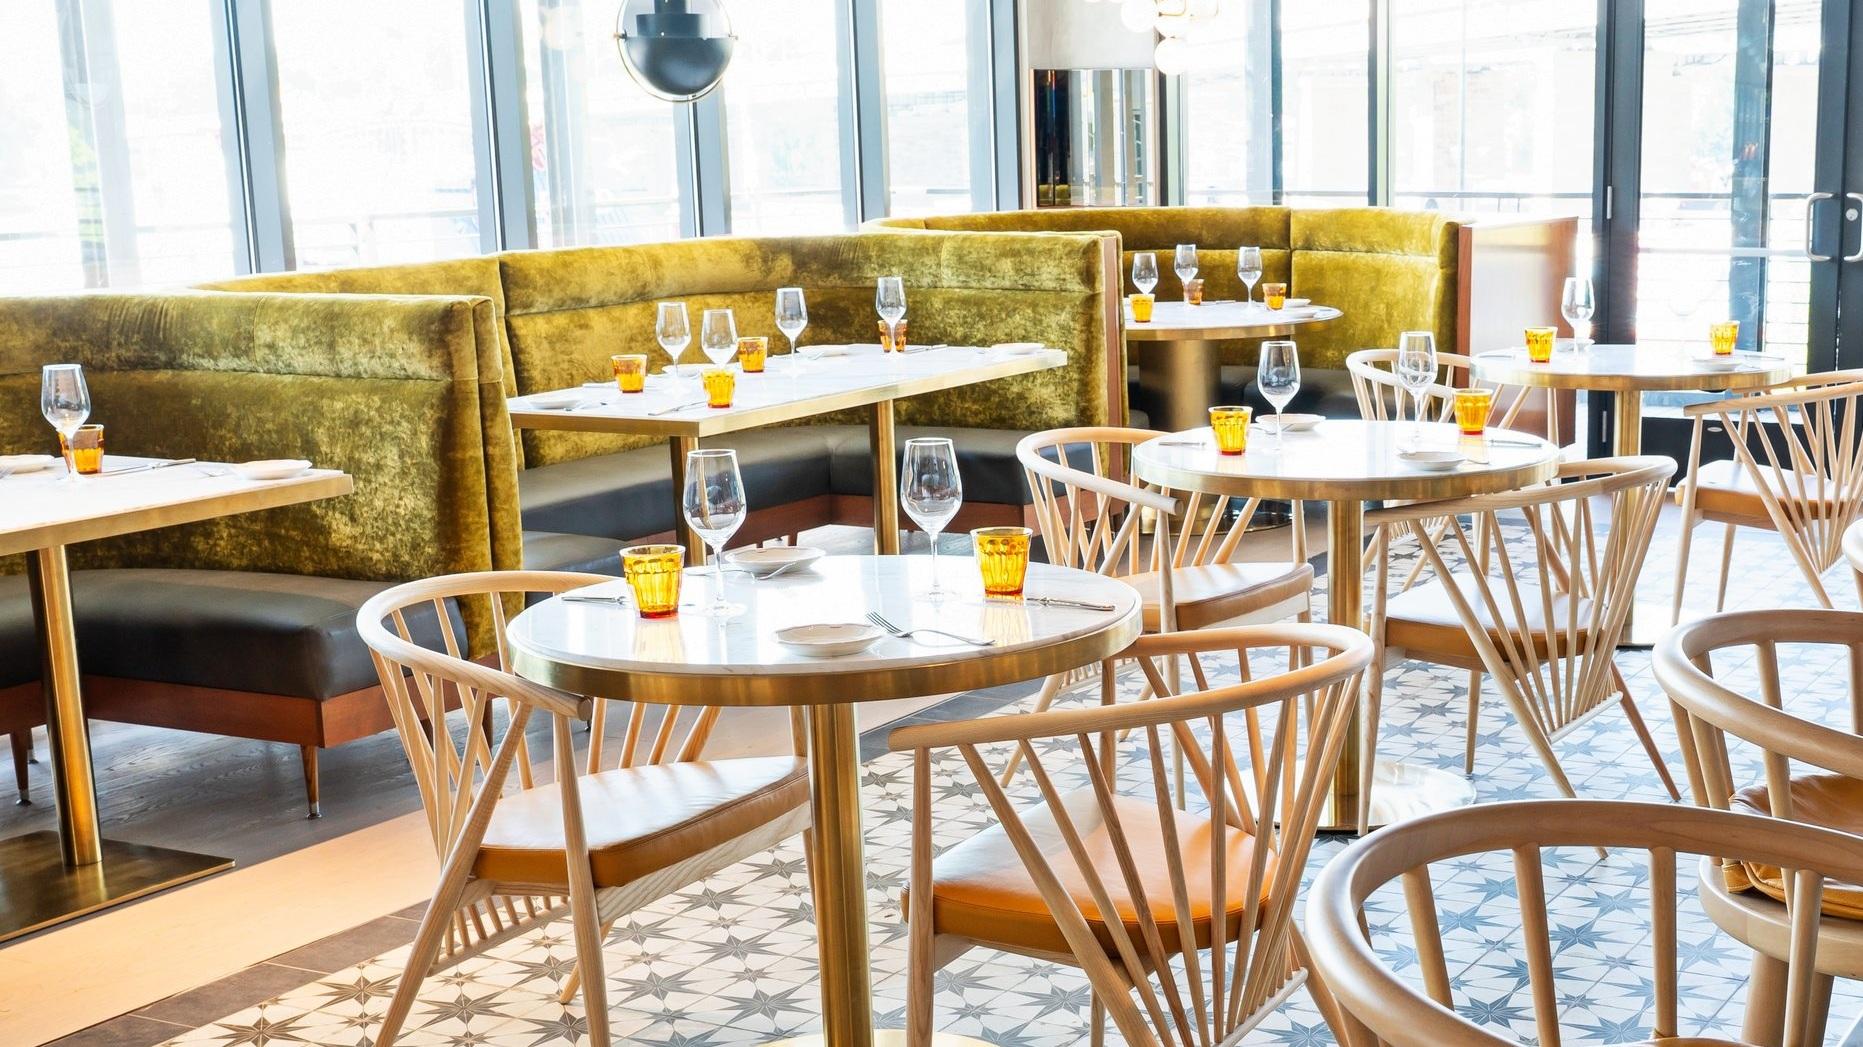 Officina+restaurant+dining+room